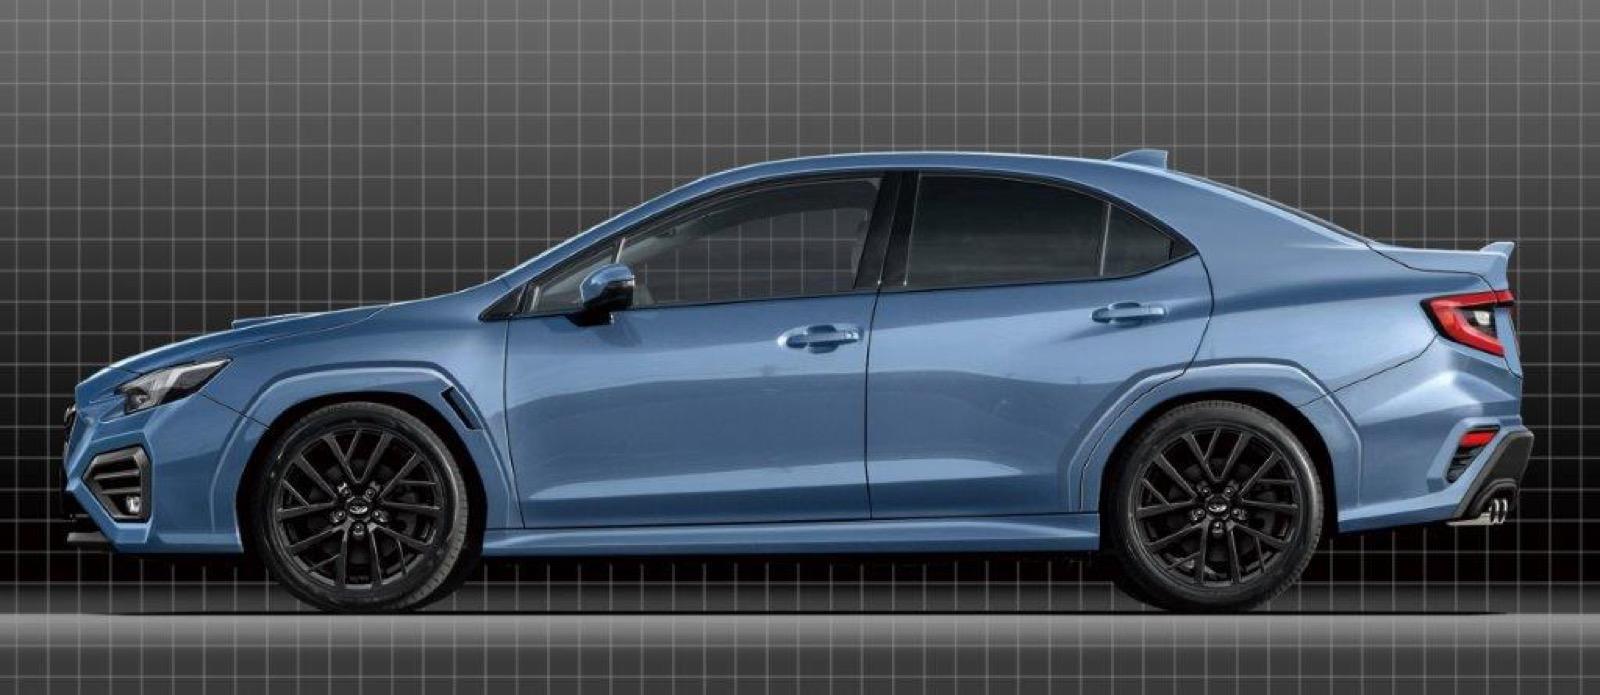 Subaru-WRX-2021-leaked-5